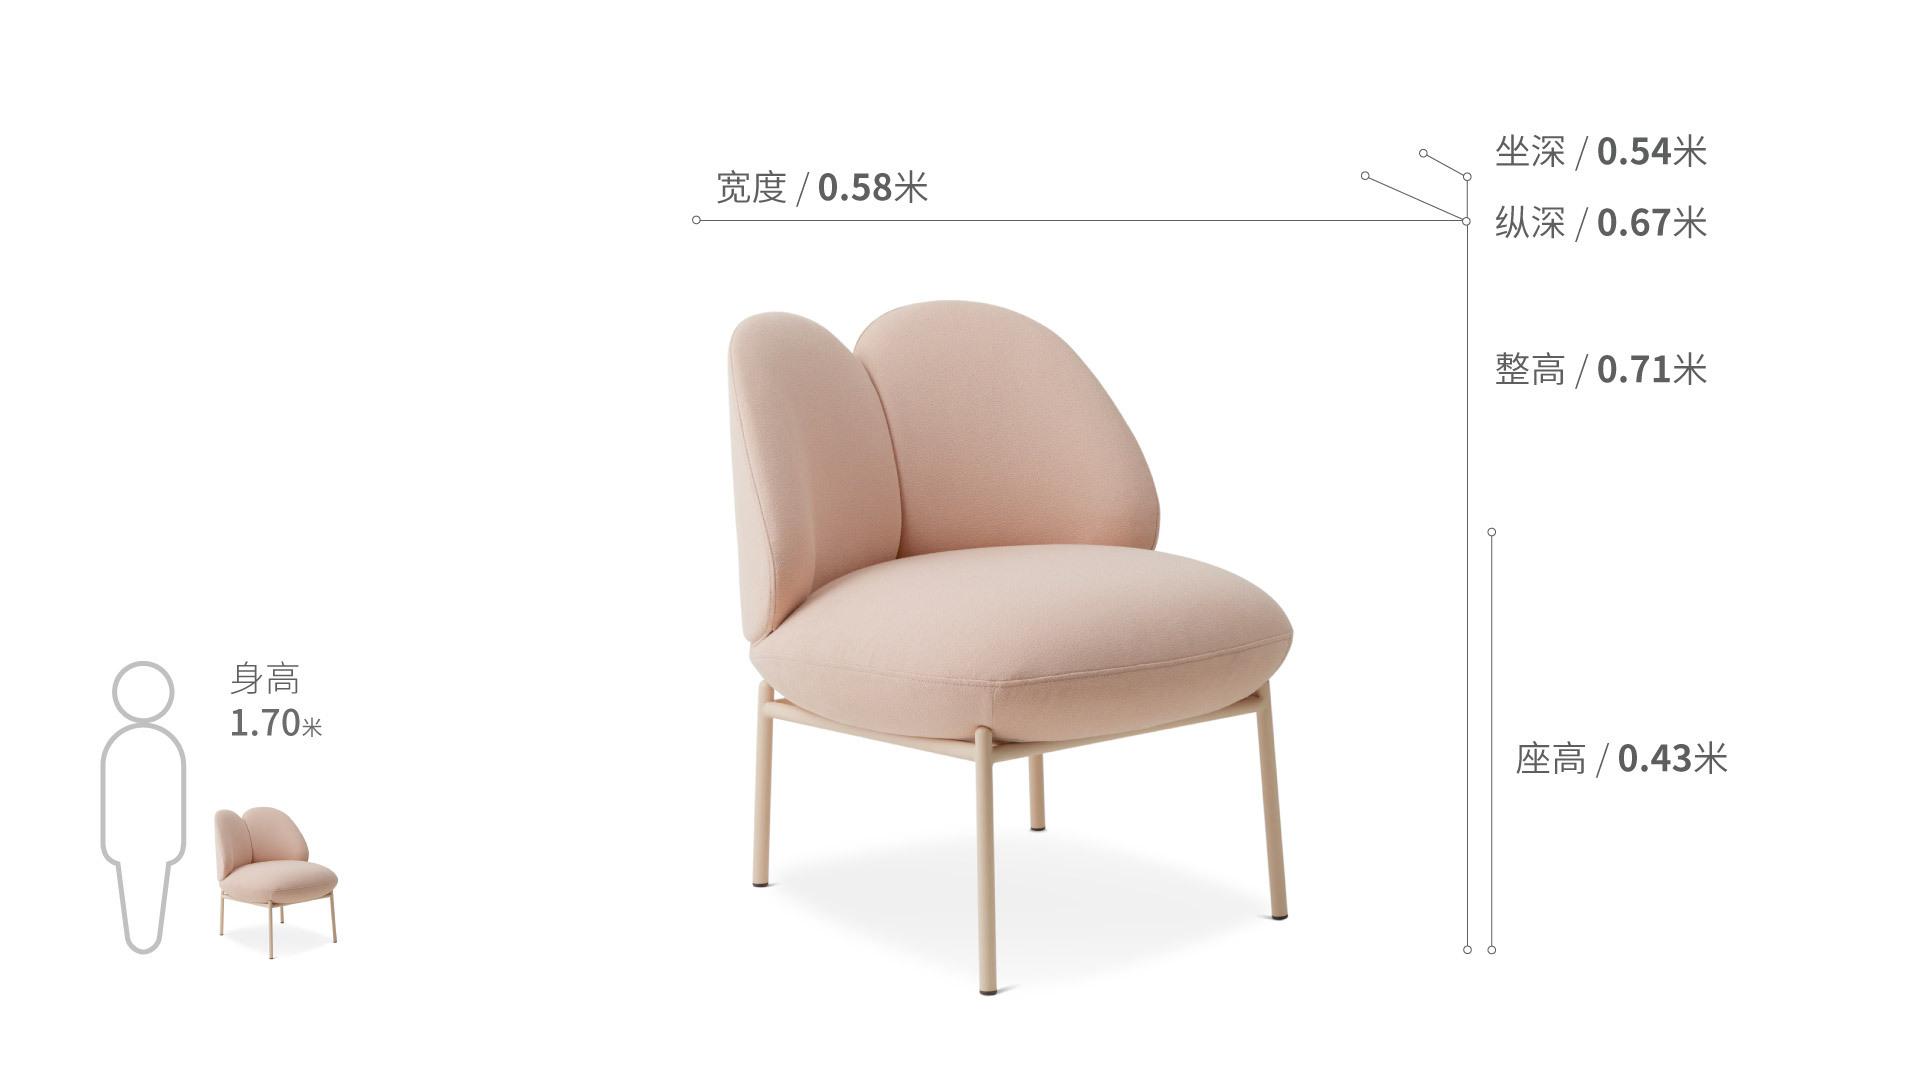 小圆领沙发椅沙发效果图